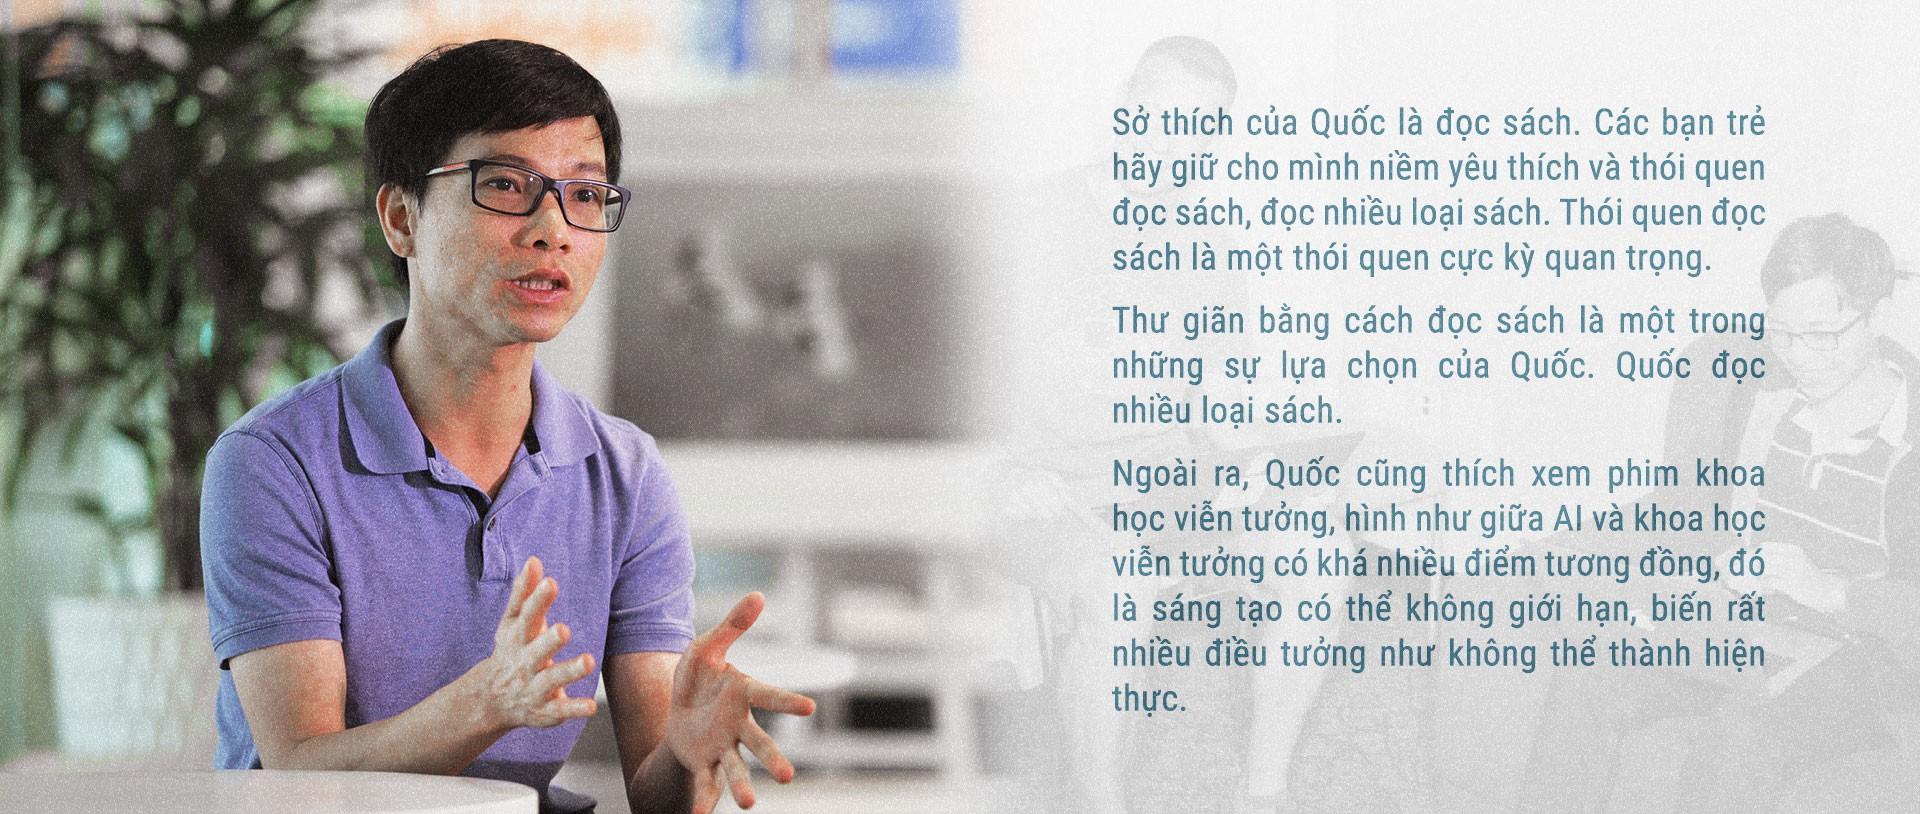 TS Lê Viết Quốc: Lúc nào cũng mơ về Việt Nam - Ảnh 21.